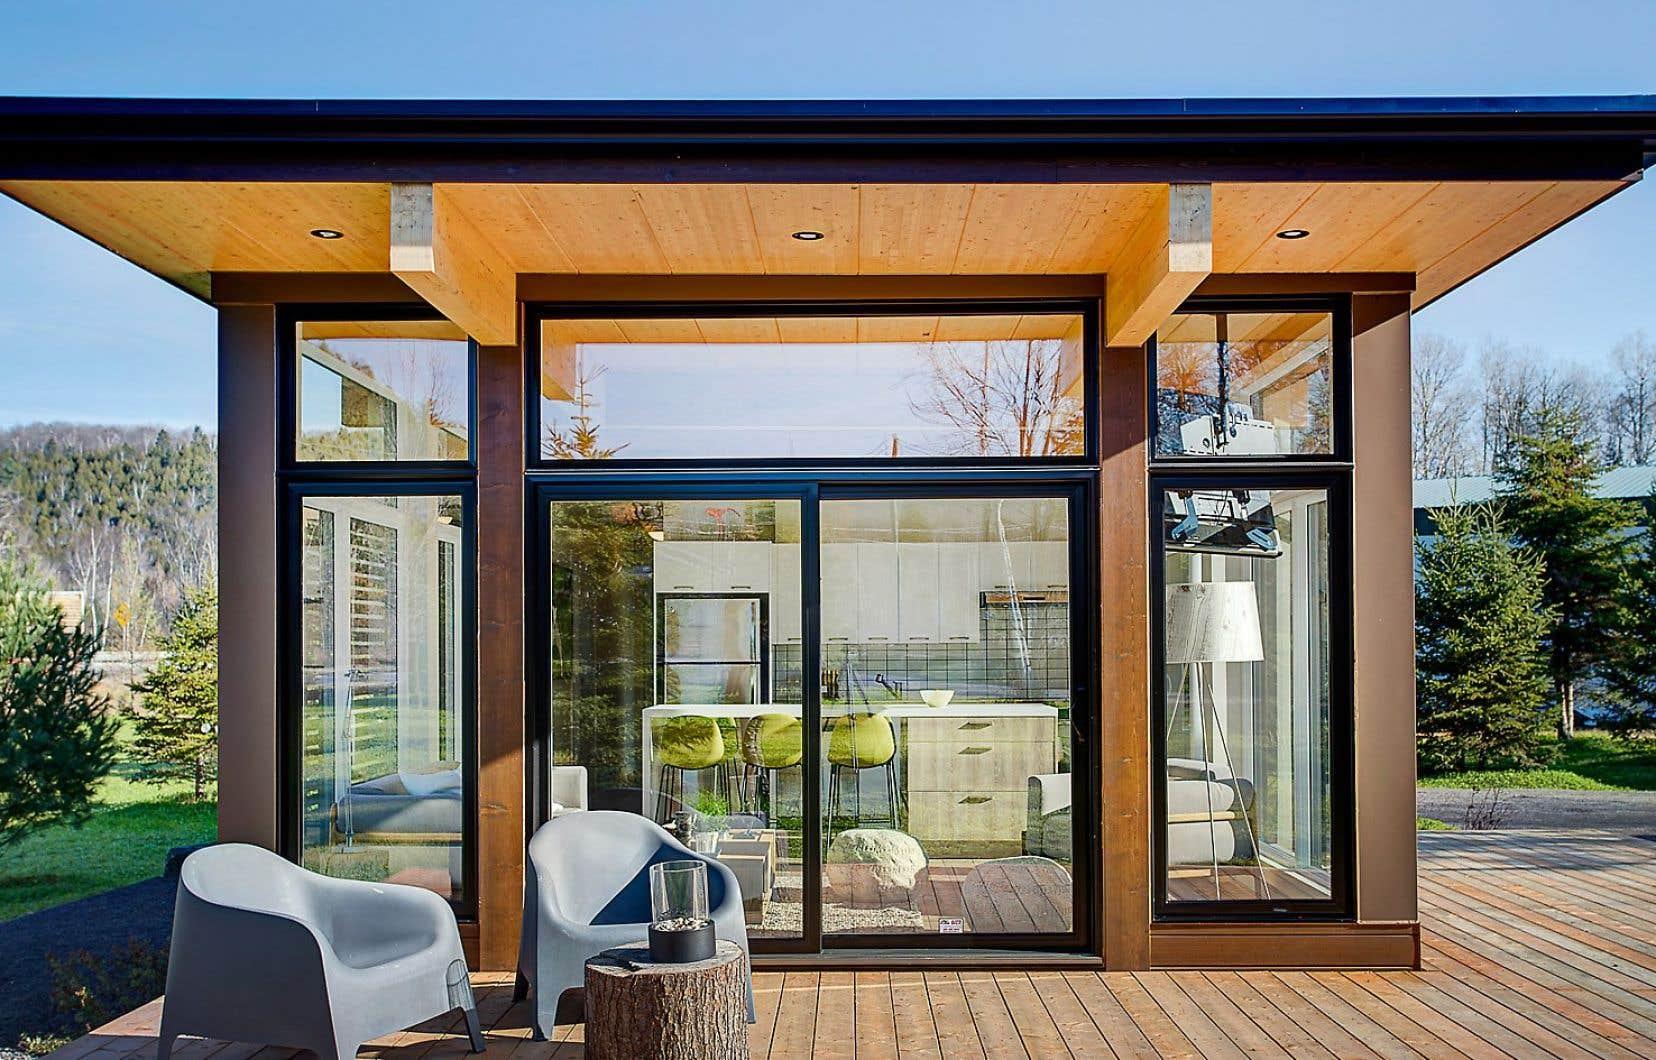 Les microhabitations gagnent en popularité dans un contexte où il est de plus en plus difficile d'acquérir une propriété.